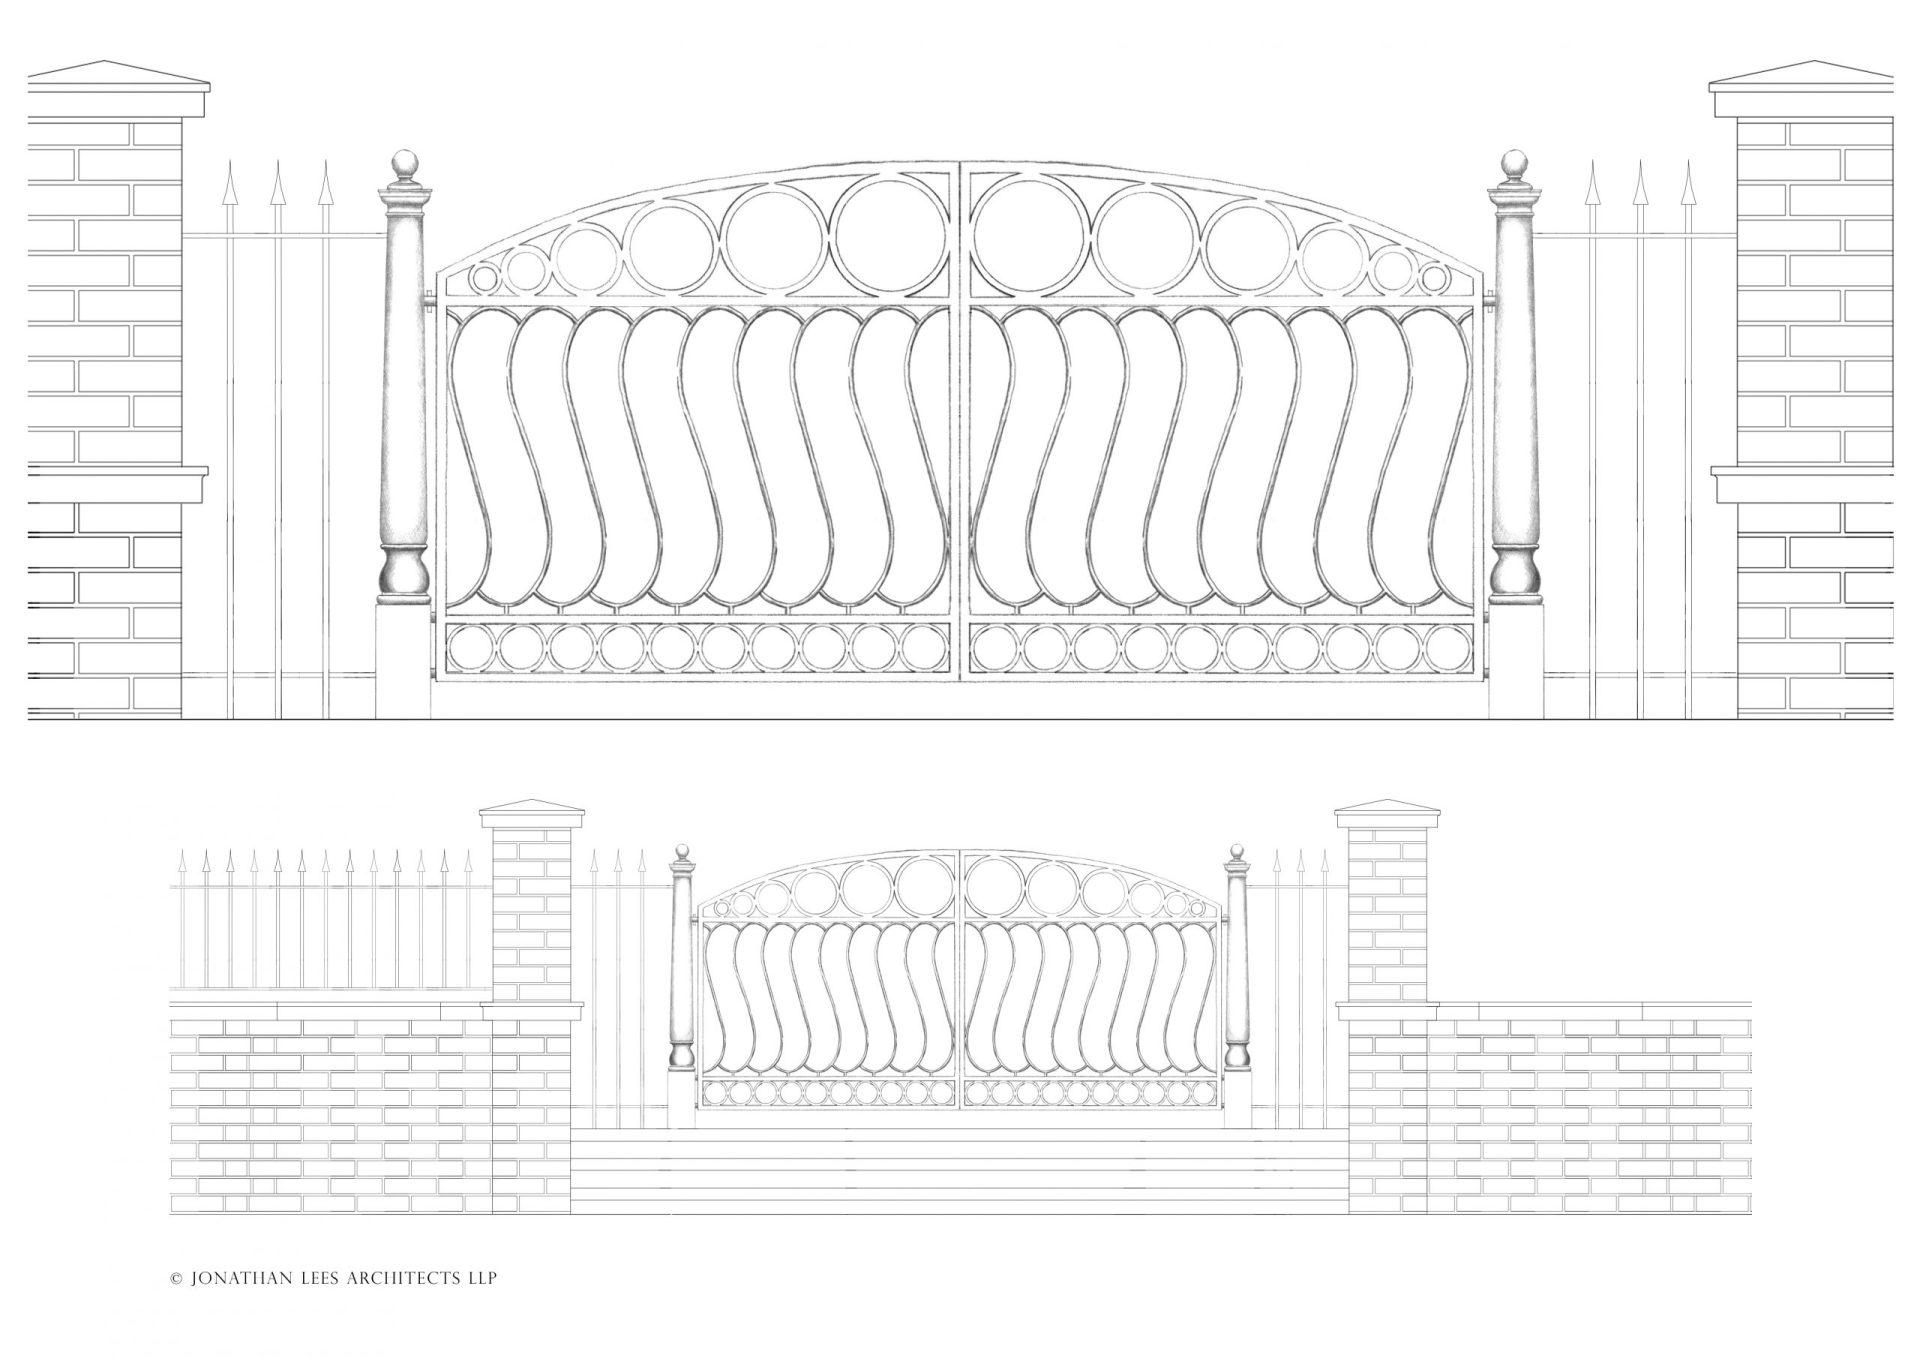 Bespoke double garden gate in metal